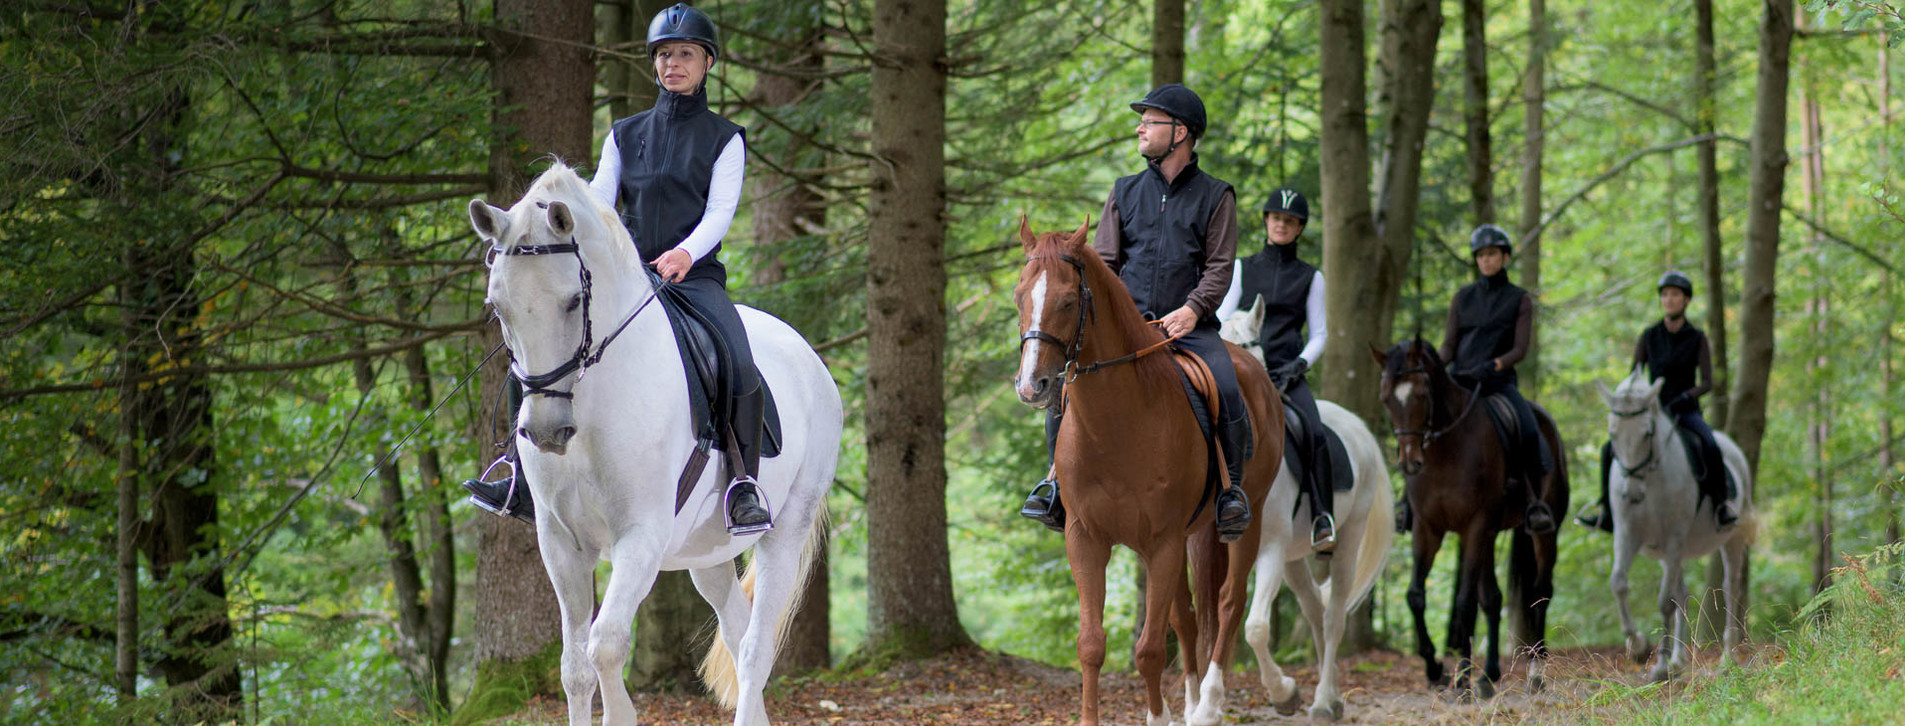 Фото 1 - Прогулянка на конях для компанії